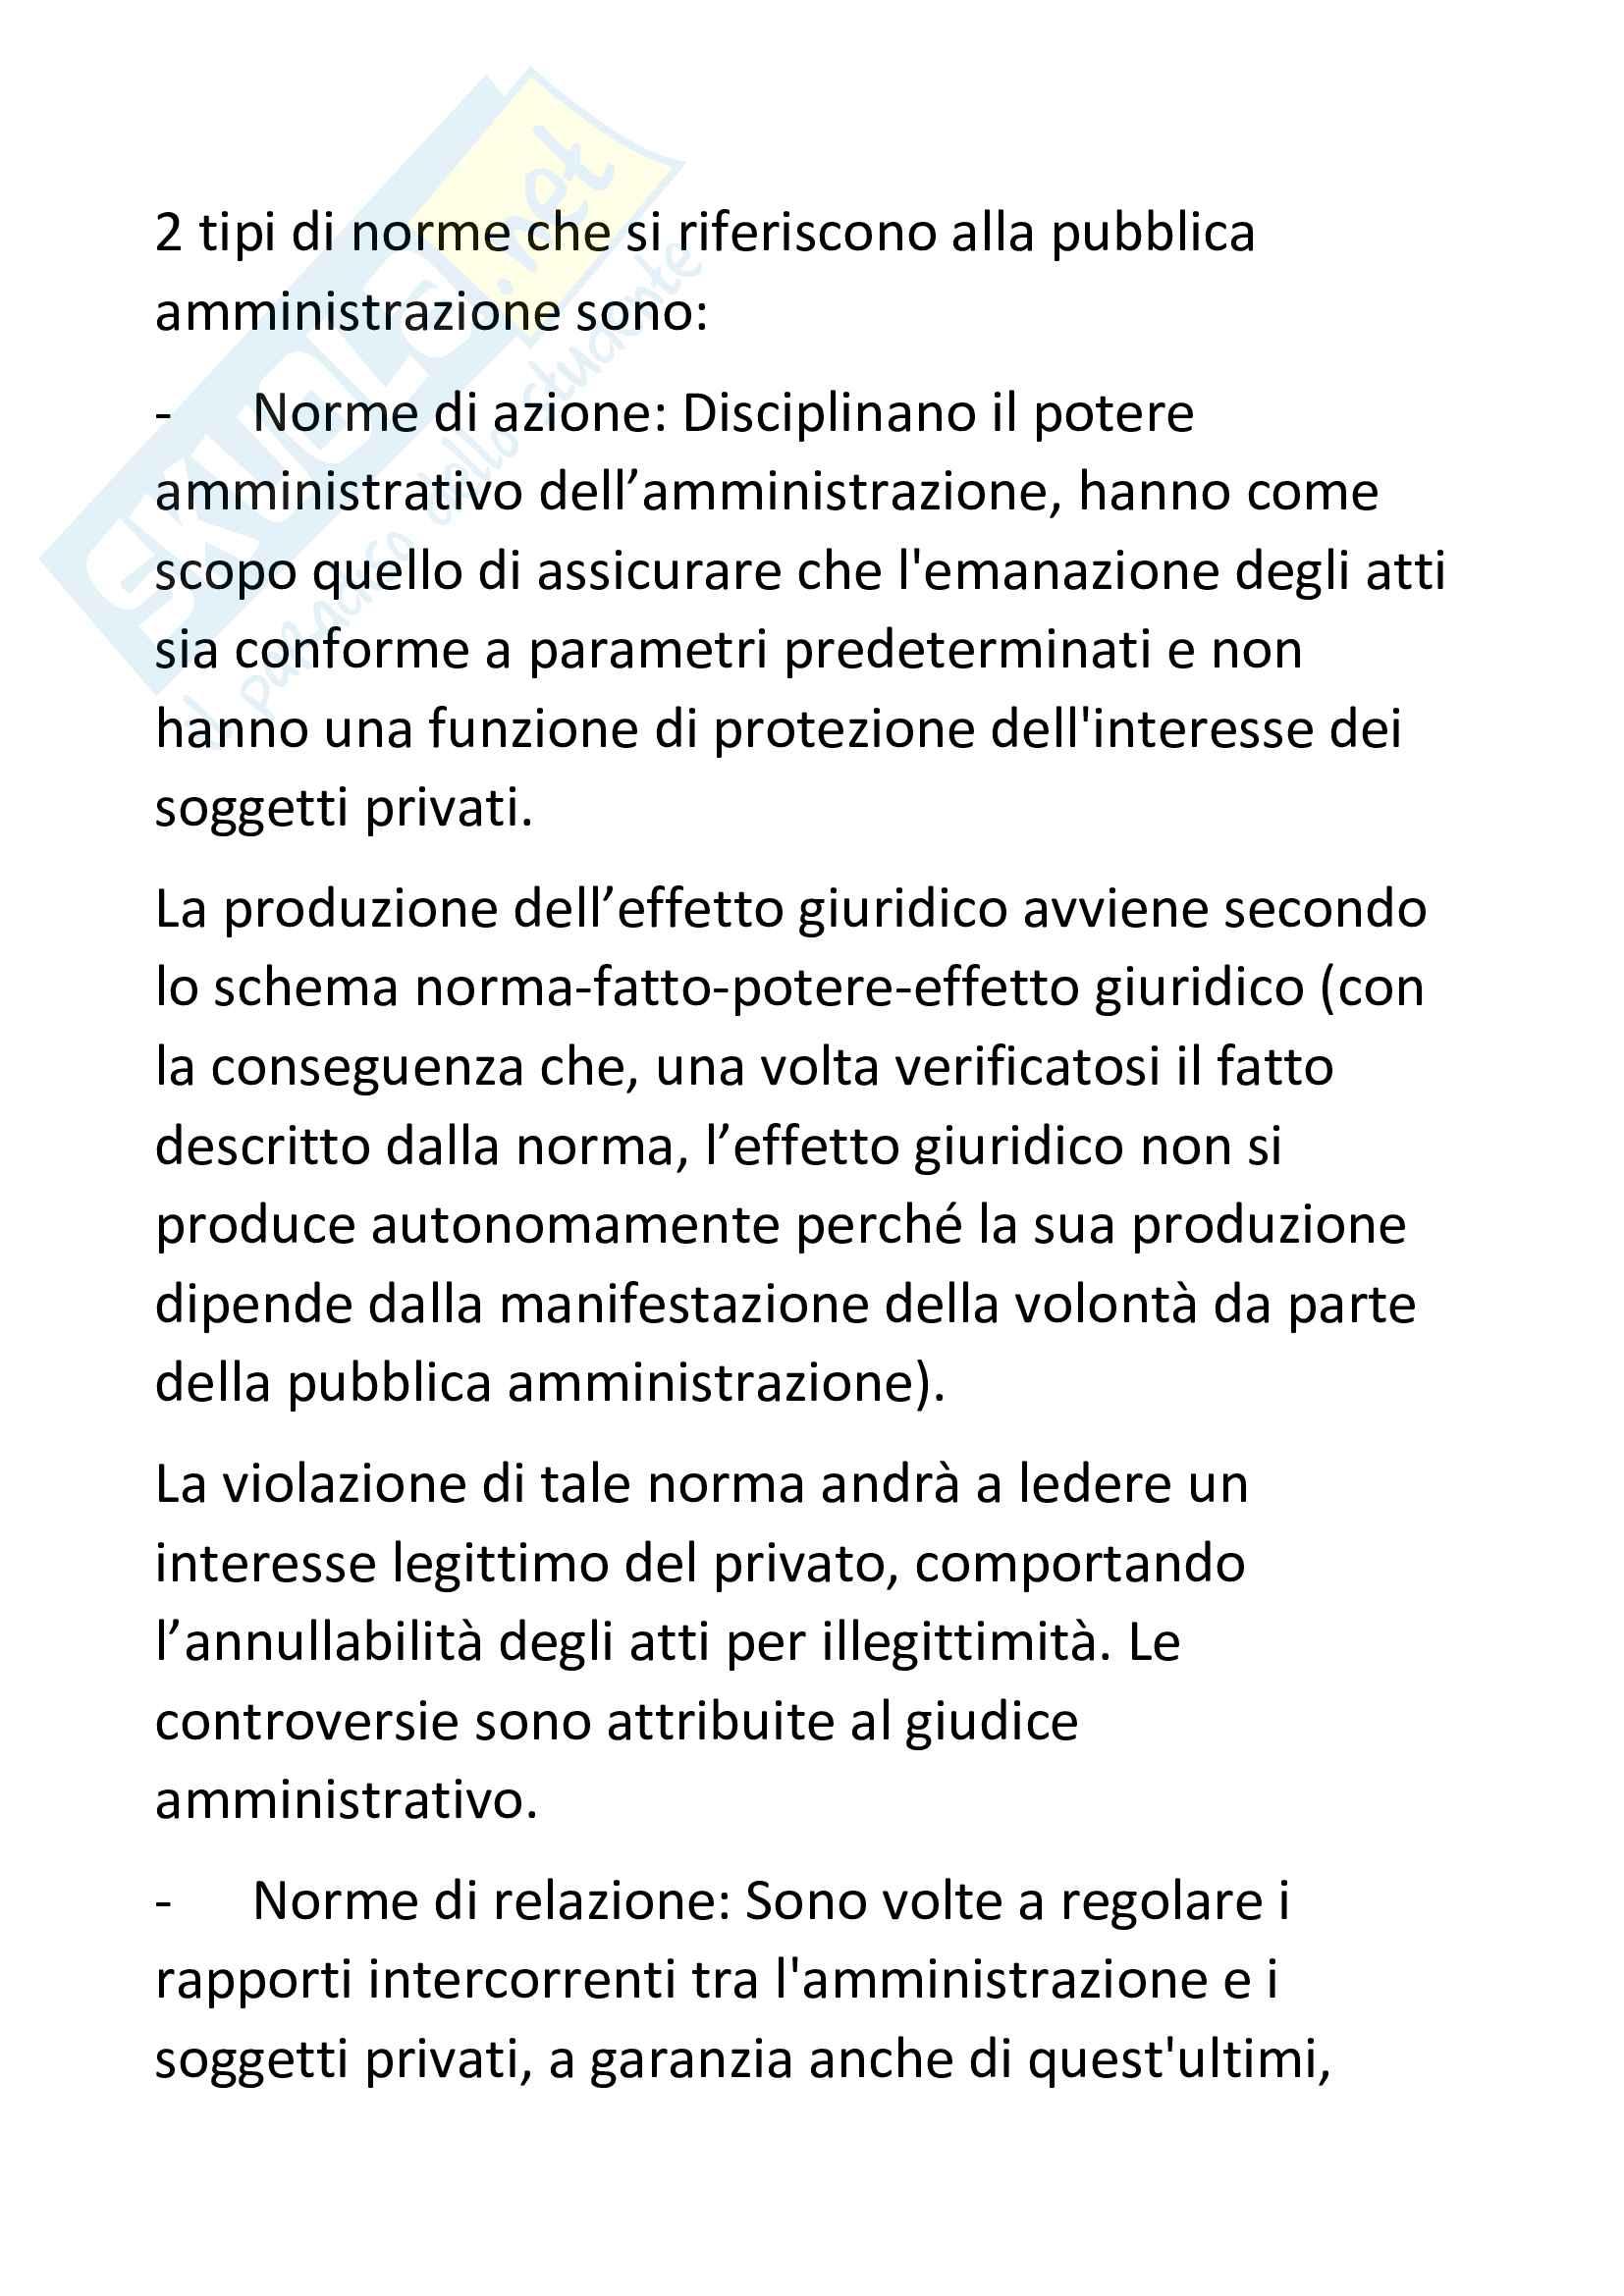 Riassunto di Diritto amministrativo Pag. 41